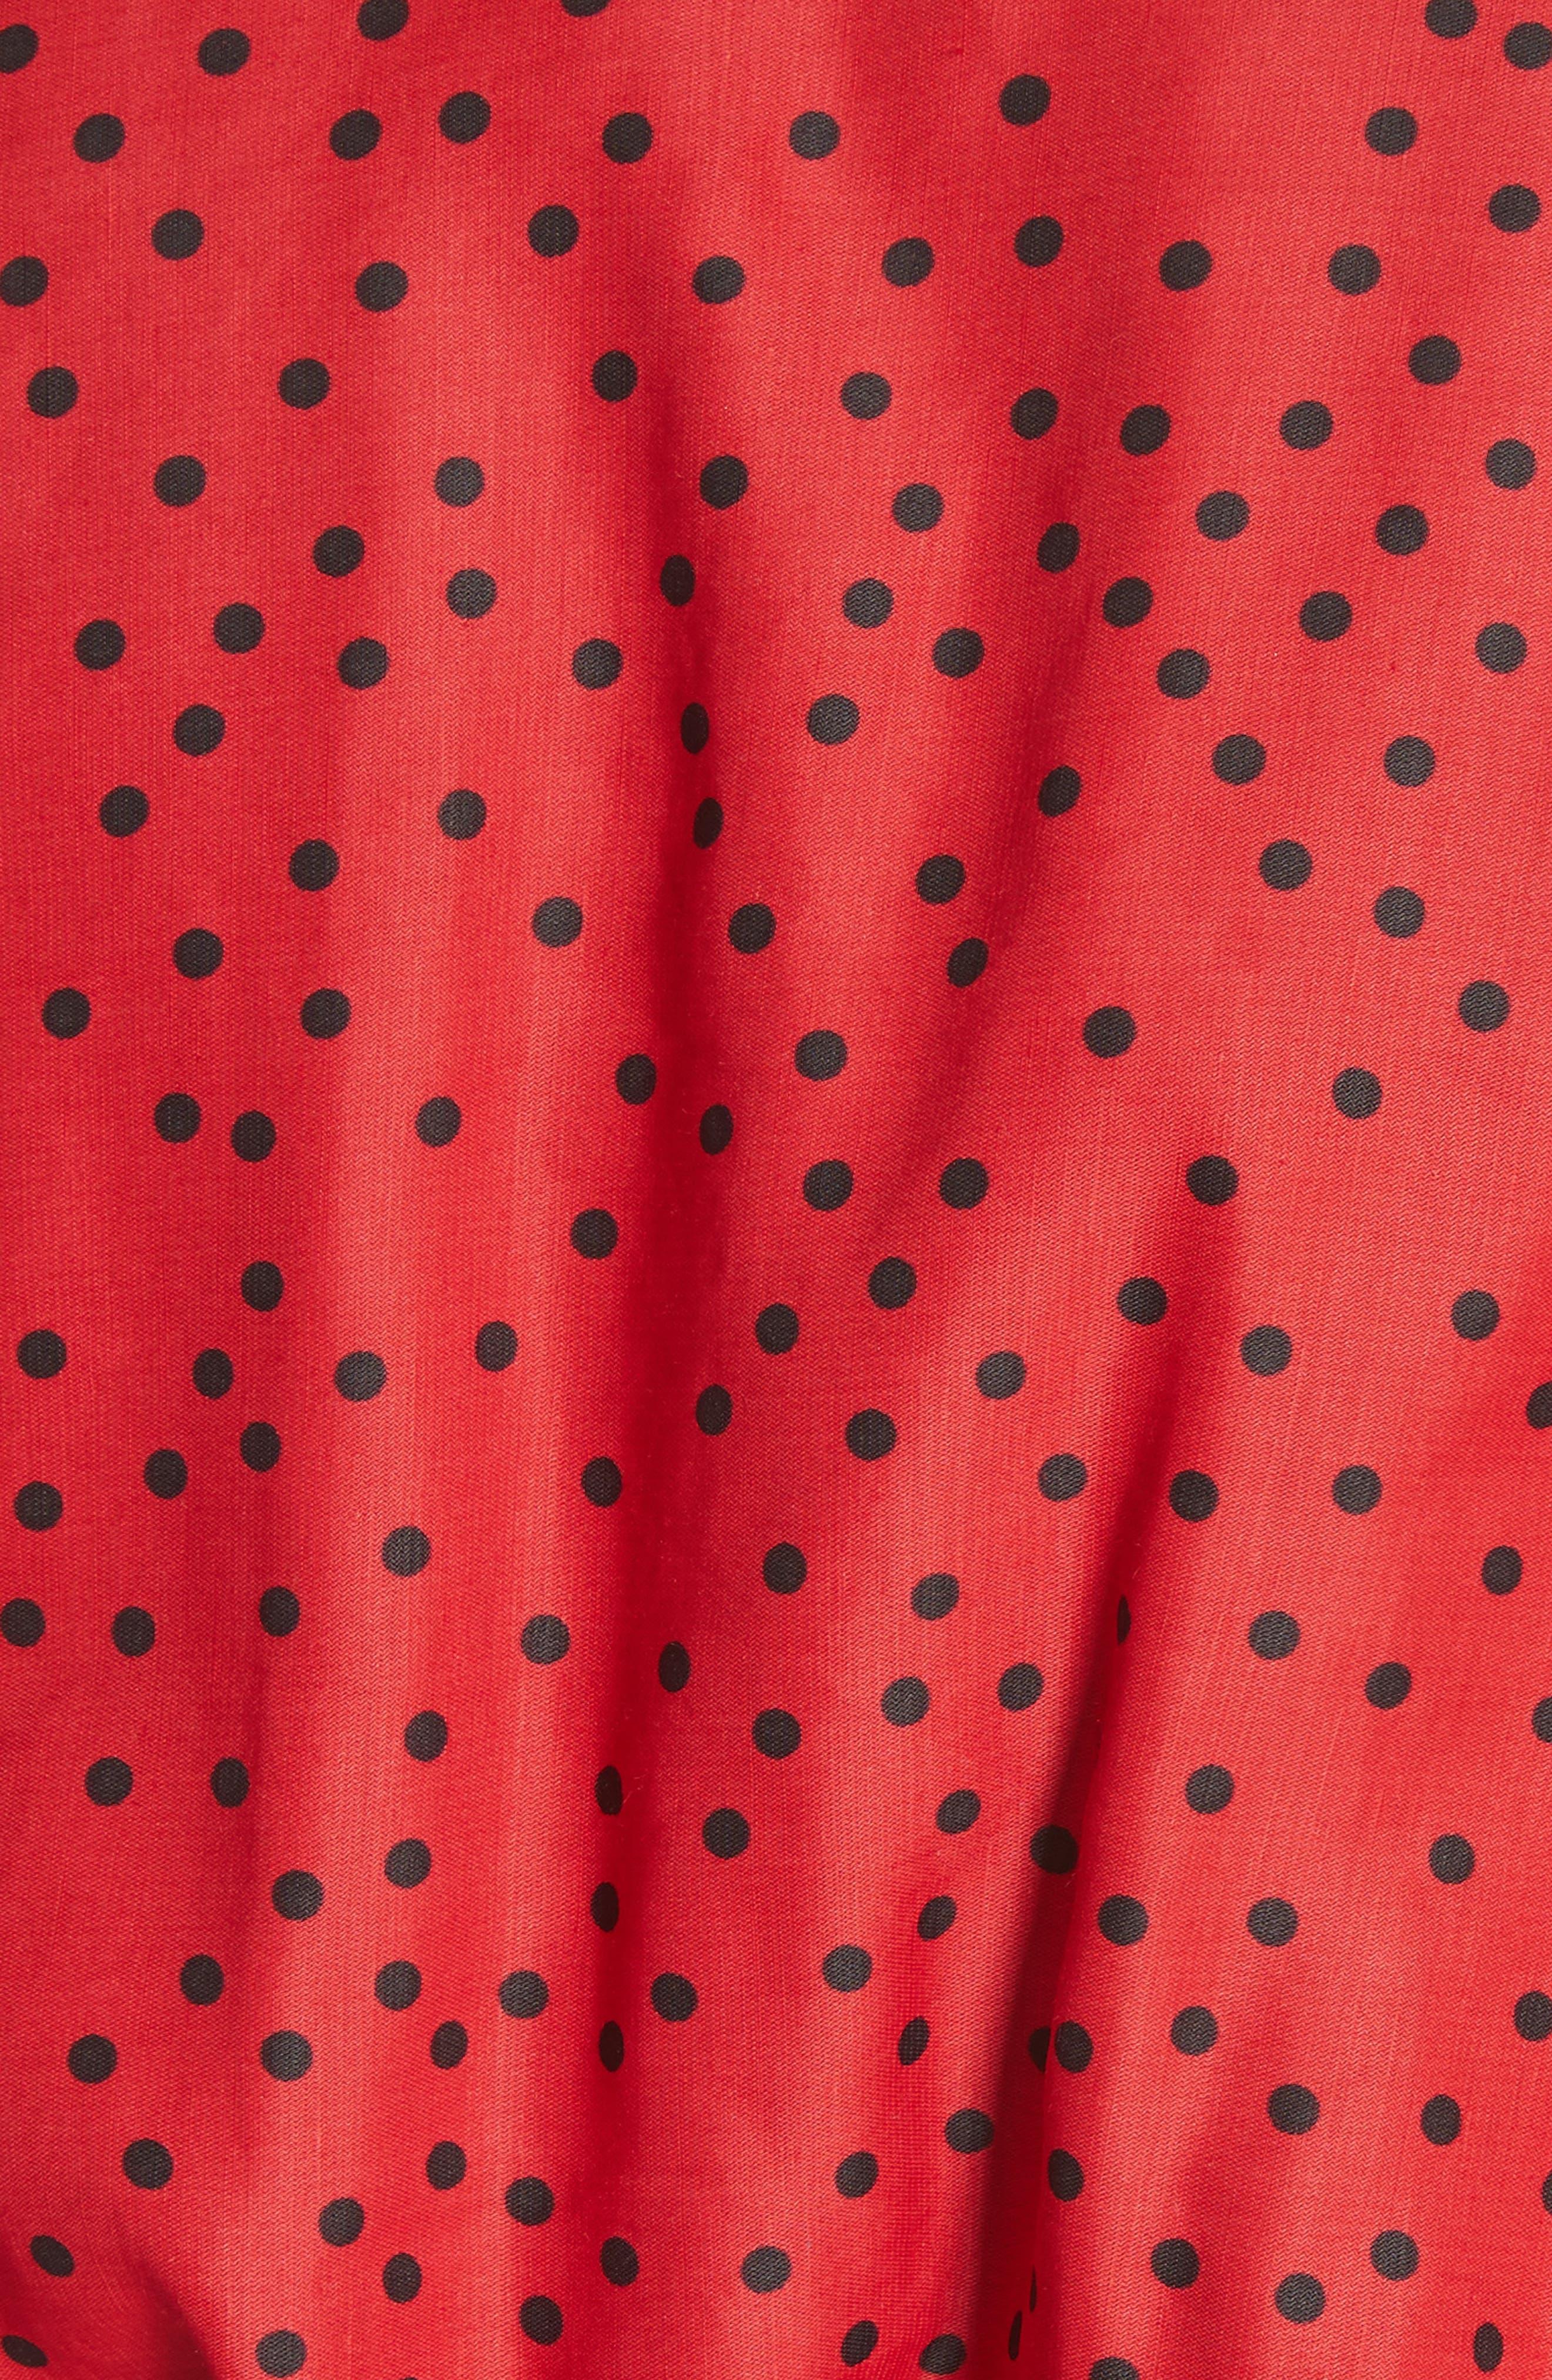 Polka Dot Linen Blend Minidress,                             Alternate thumbnail 5, color,                             600